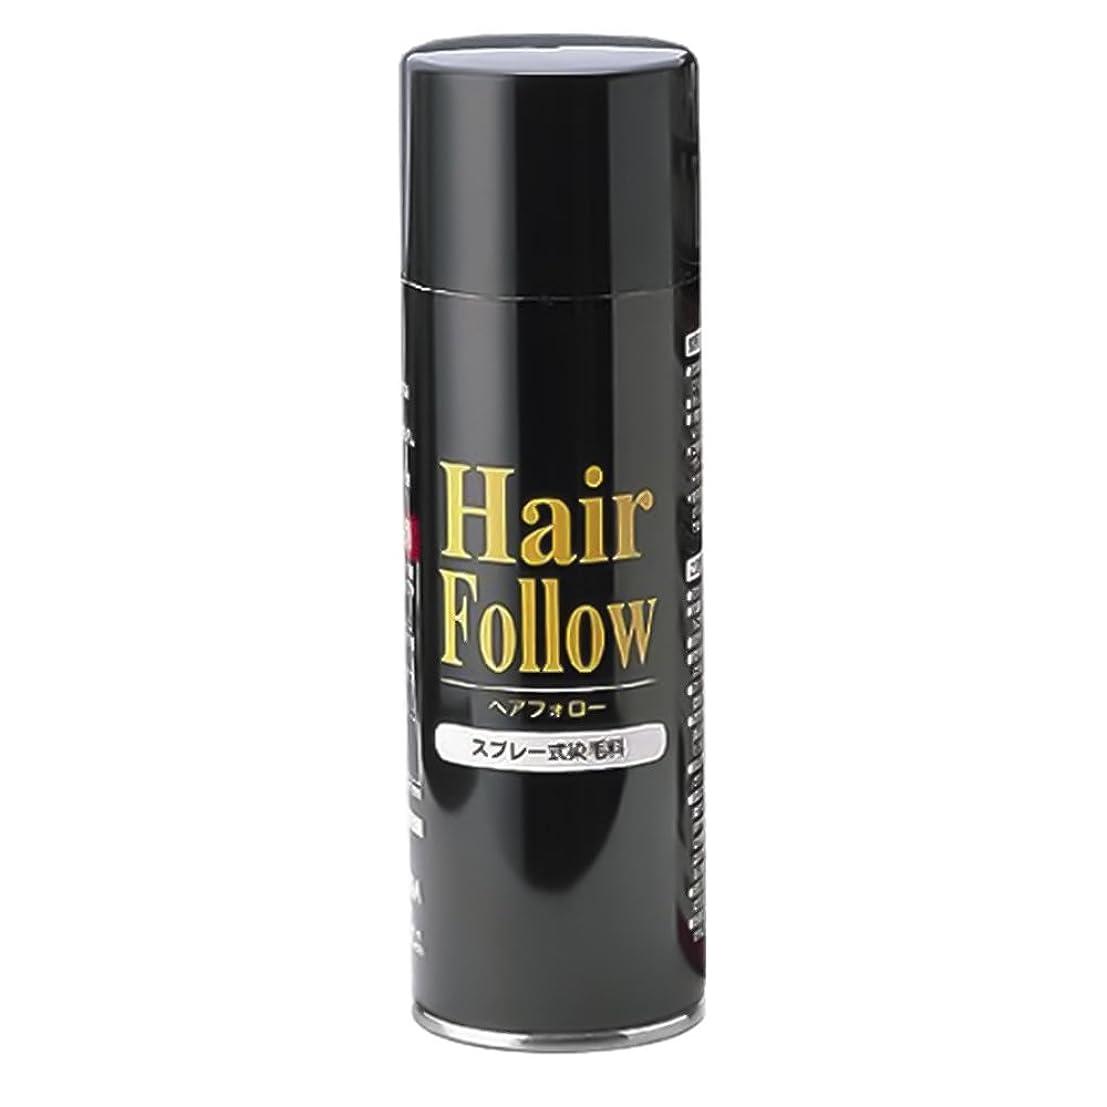 作者でる耐えられない薄毛スプレー ヘアフォロー HairFollow ブラック 150g